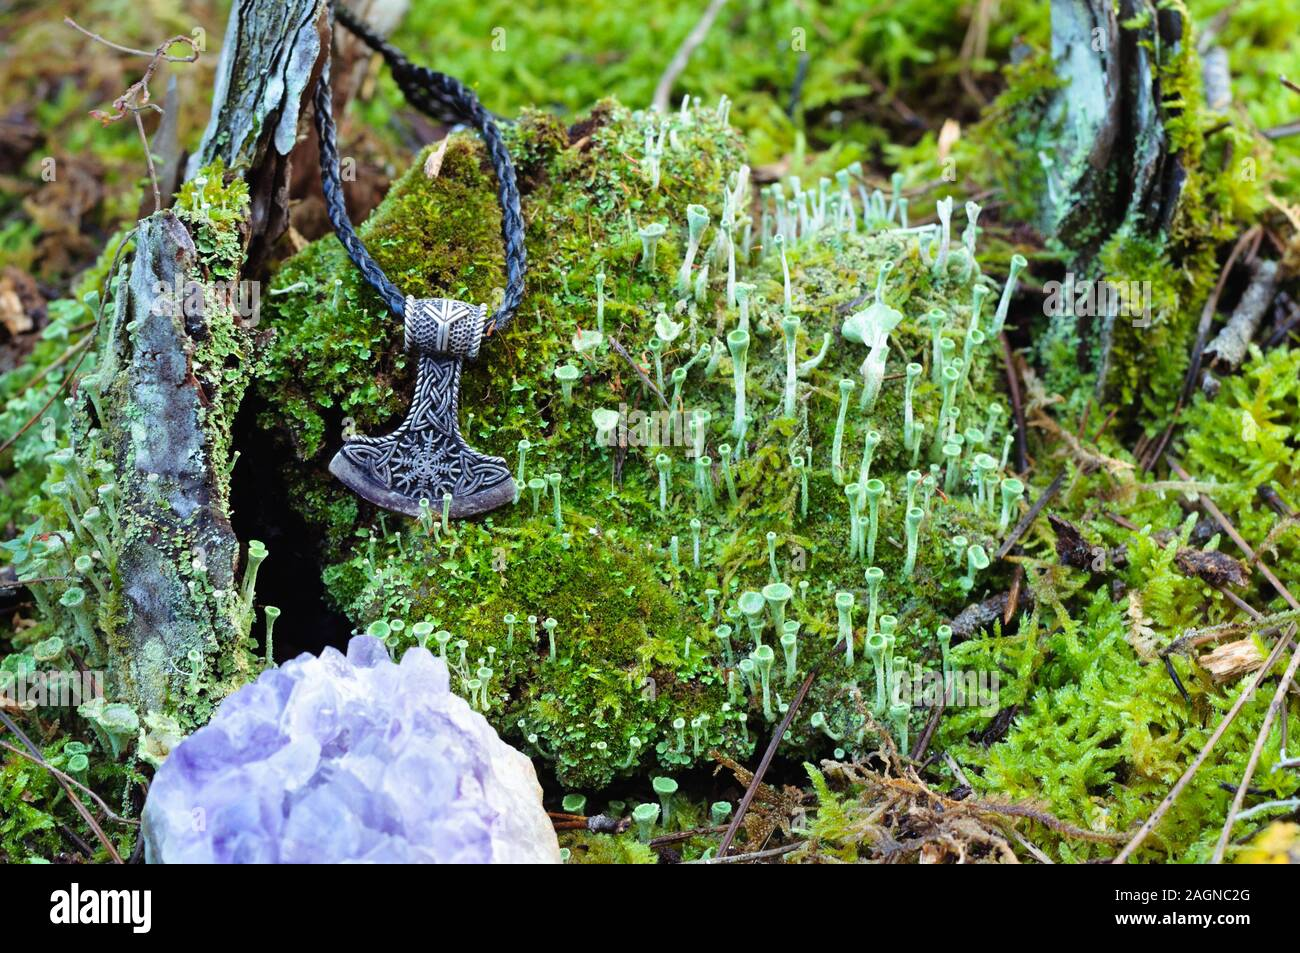 Un martillo de Thor amuleto de plata sobre un tocón cubiertas de musgo Foto de stock